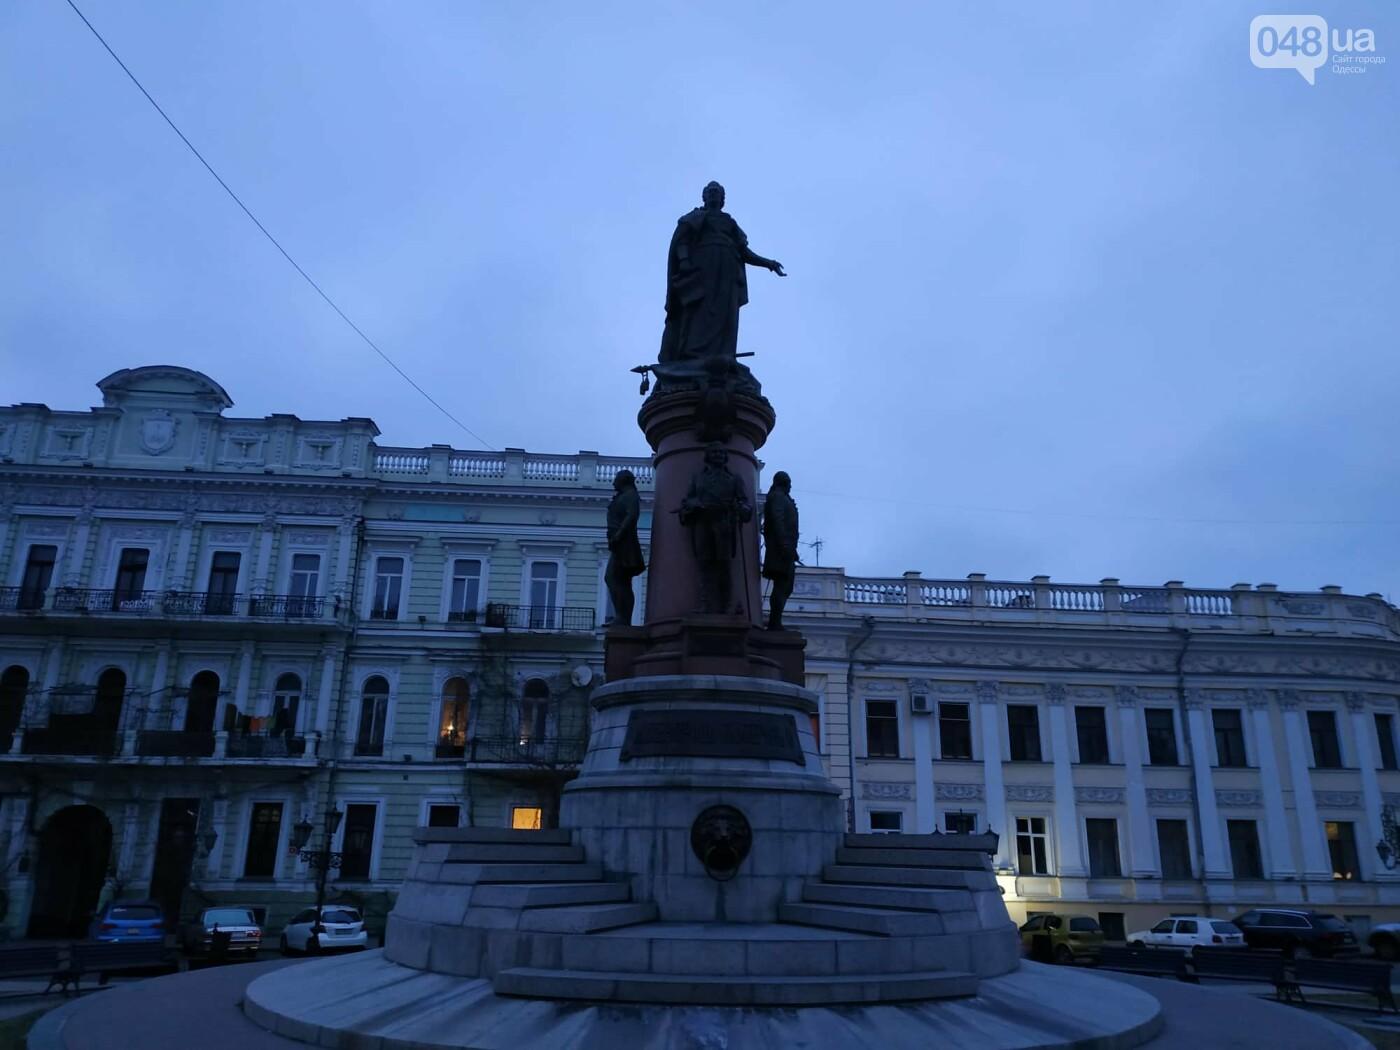 В Одессе умыли императрицу Екатерину, - ФОТО, фото-6